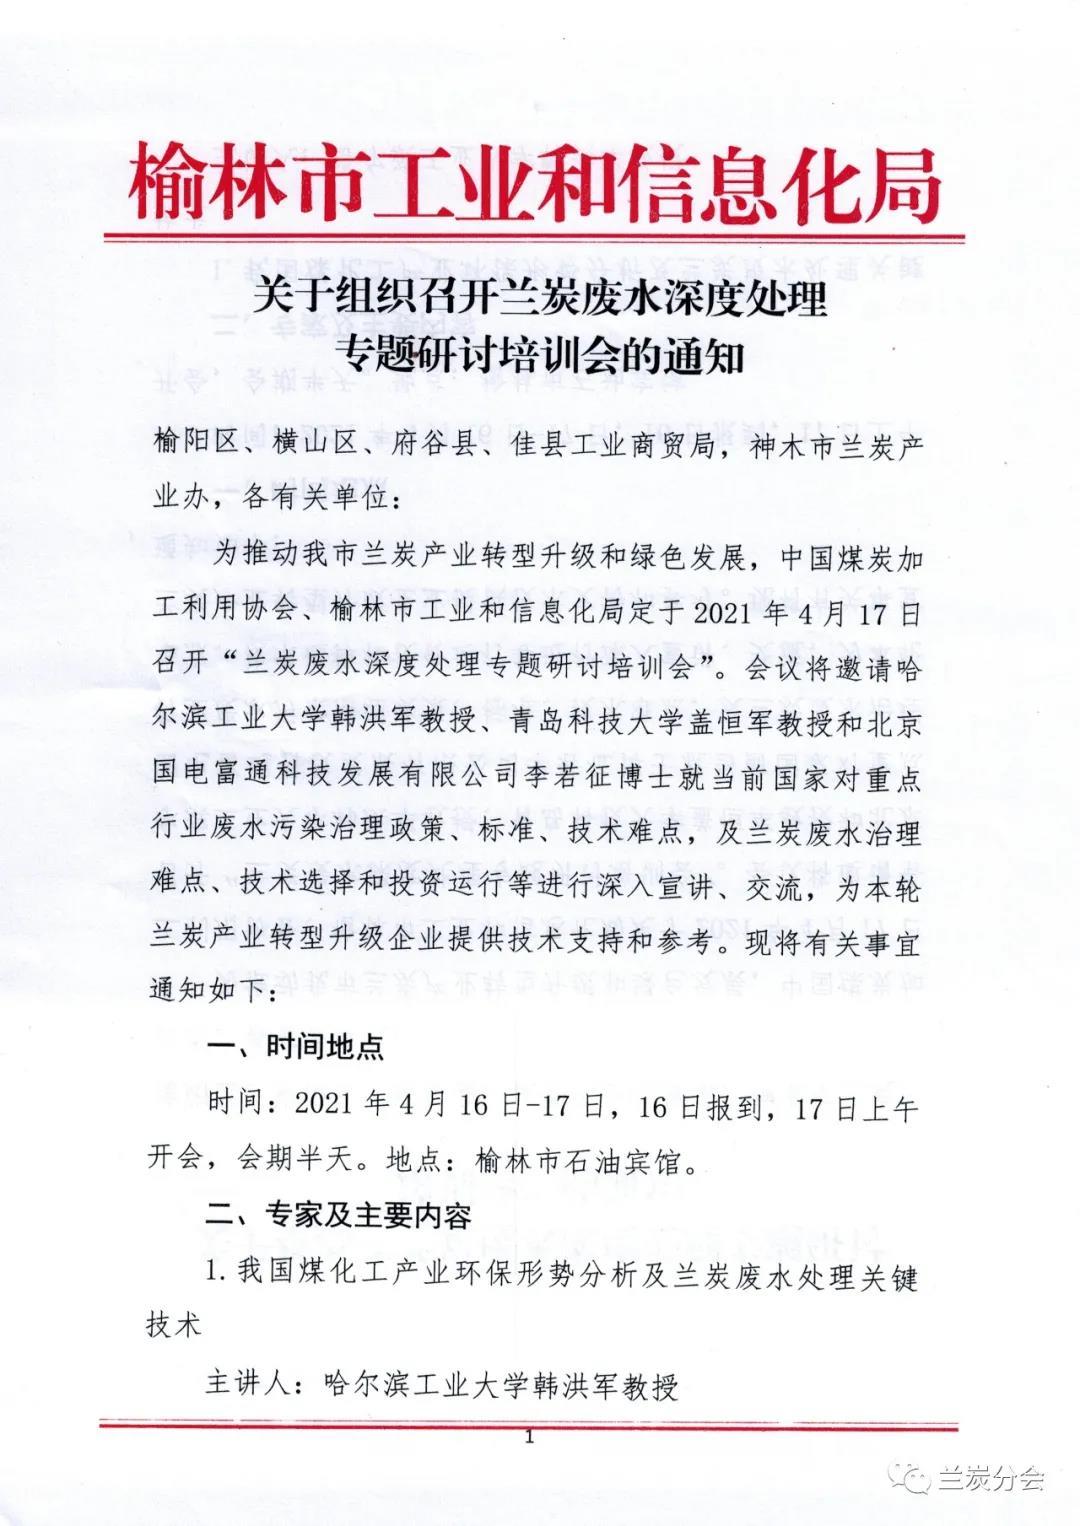 """通知:榆林市工信局、兰炭分会16日在榆林联合举办""""兰炭废水深度处理专题培训研讨会"""